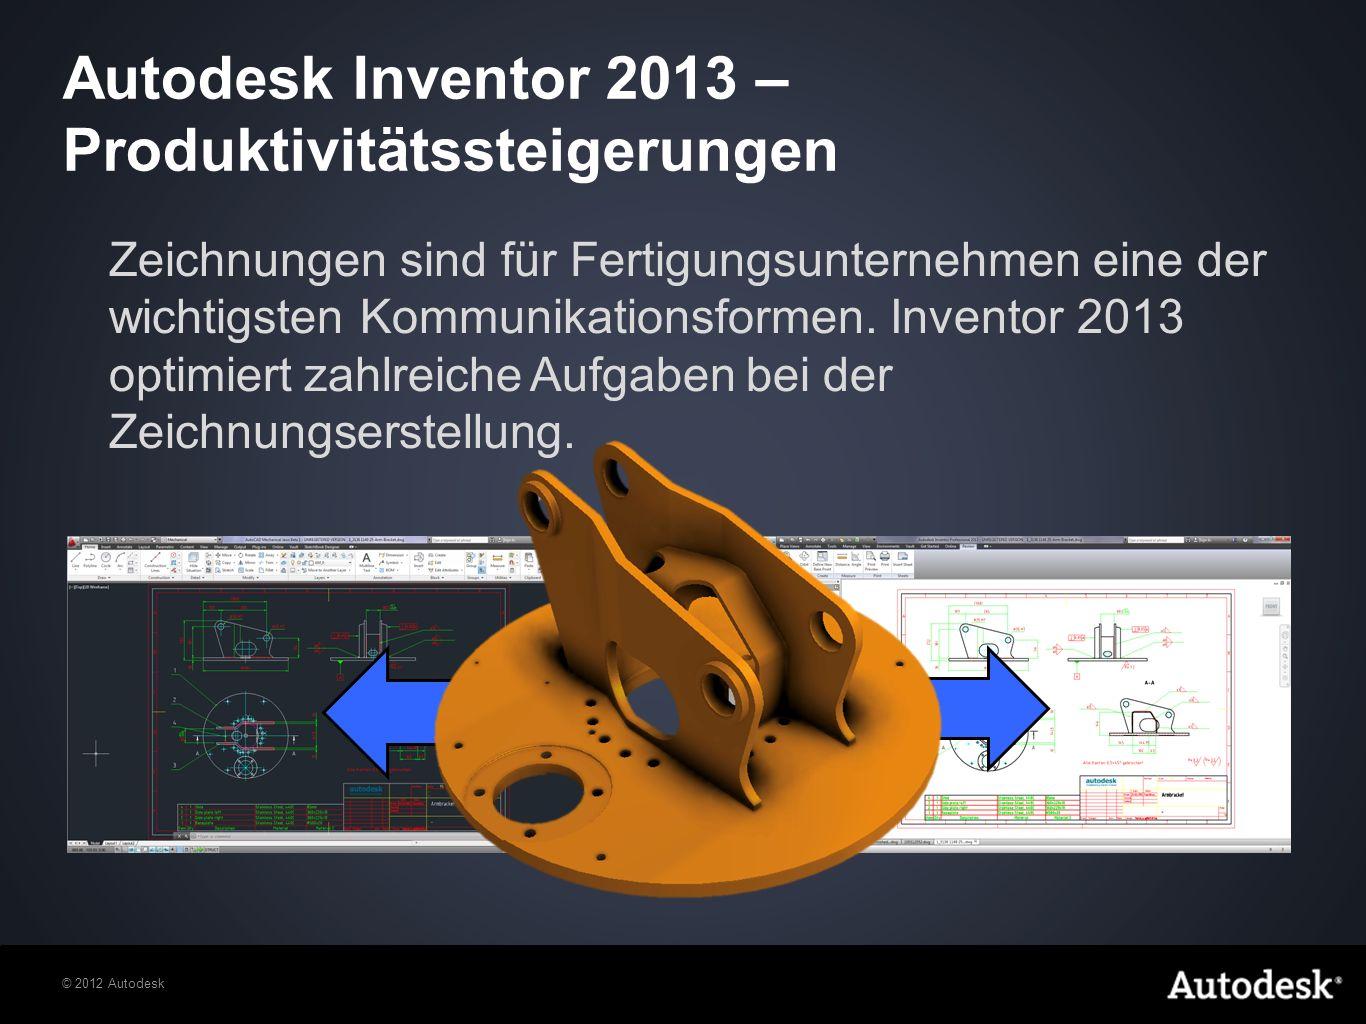 Autodesk Inventor 2013 – Produktivitätssteigerungen